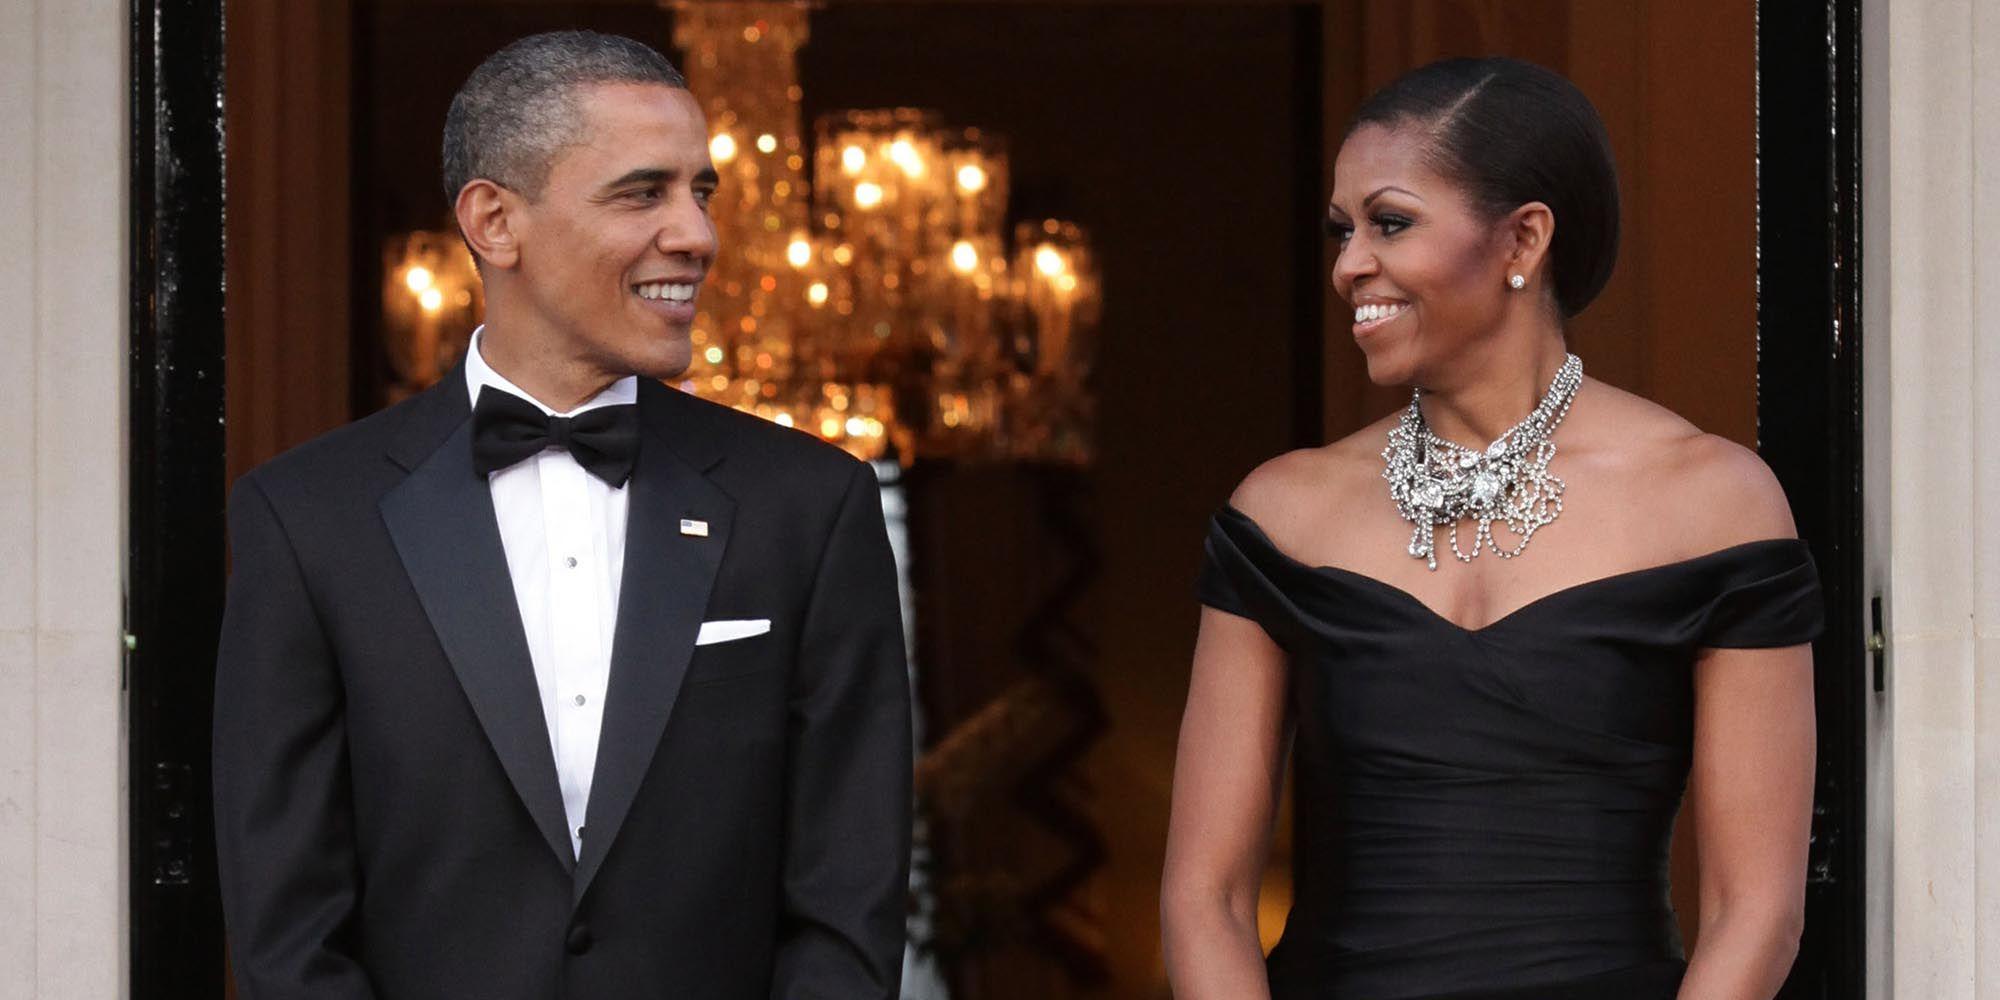 Barack Obama, Michelle Obama, Netflix, deal, Obama's